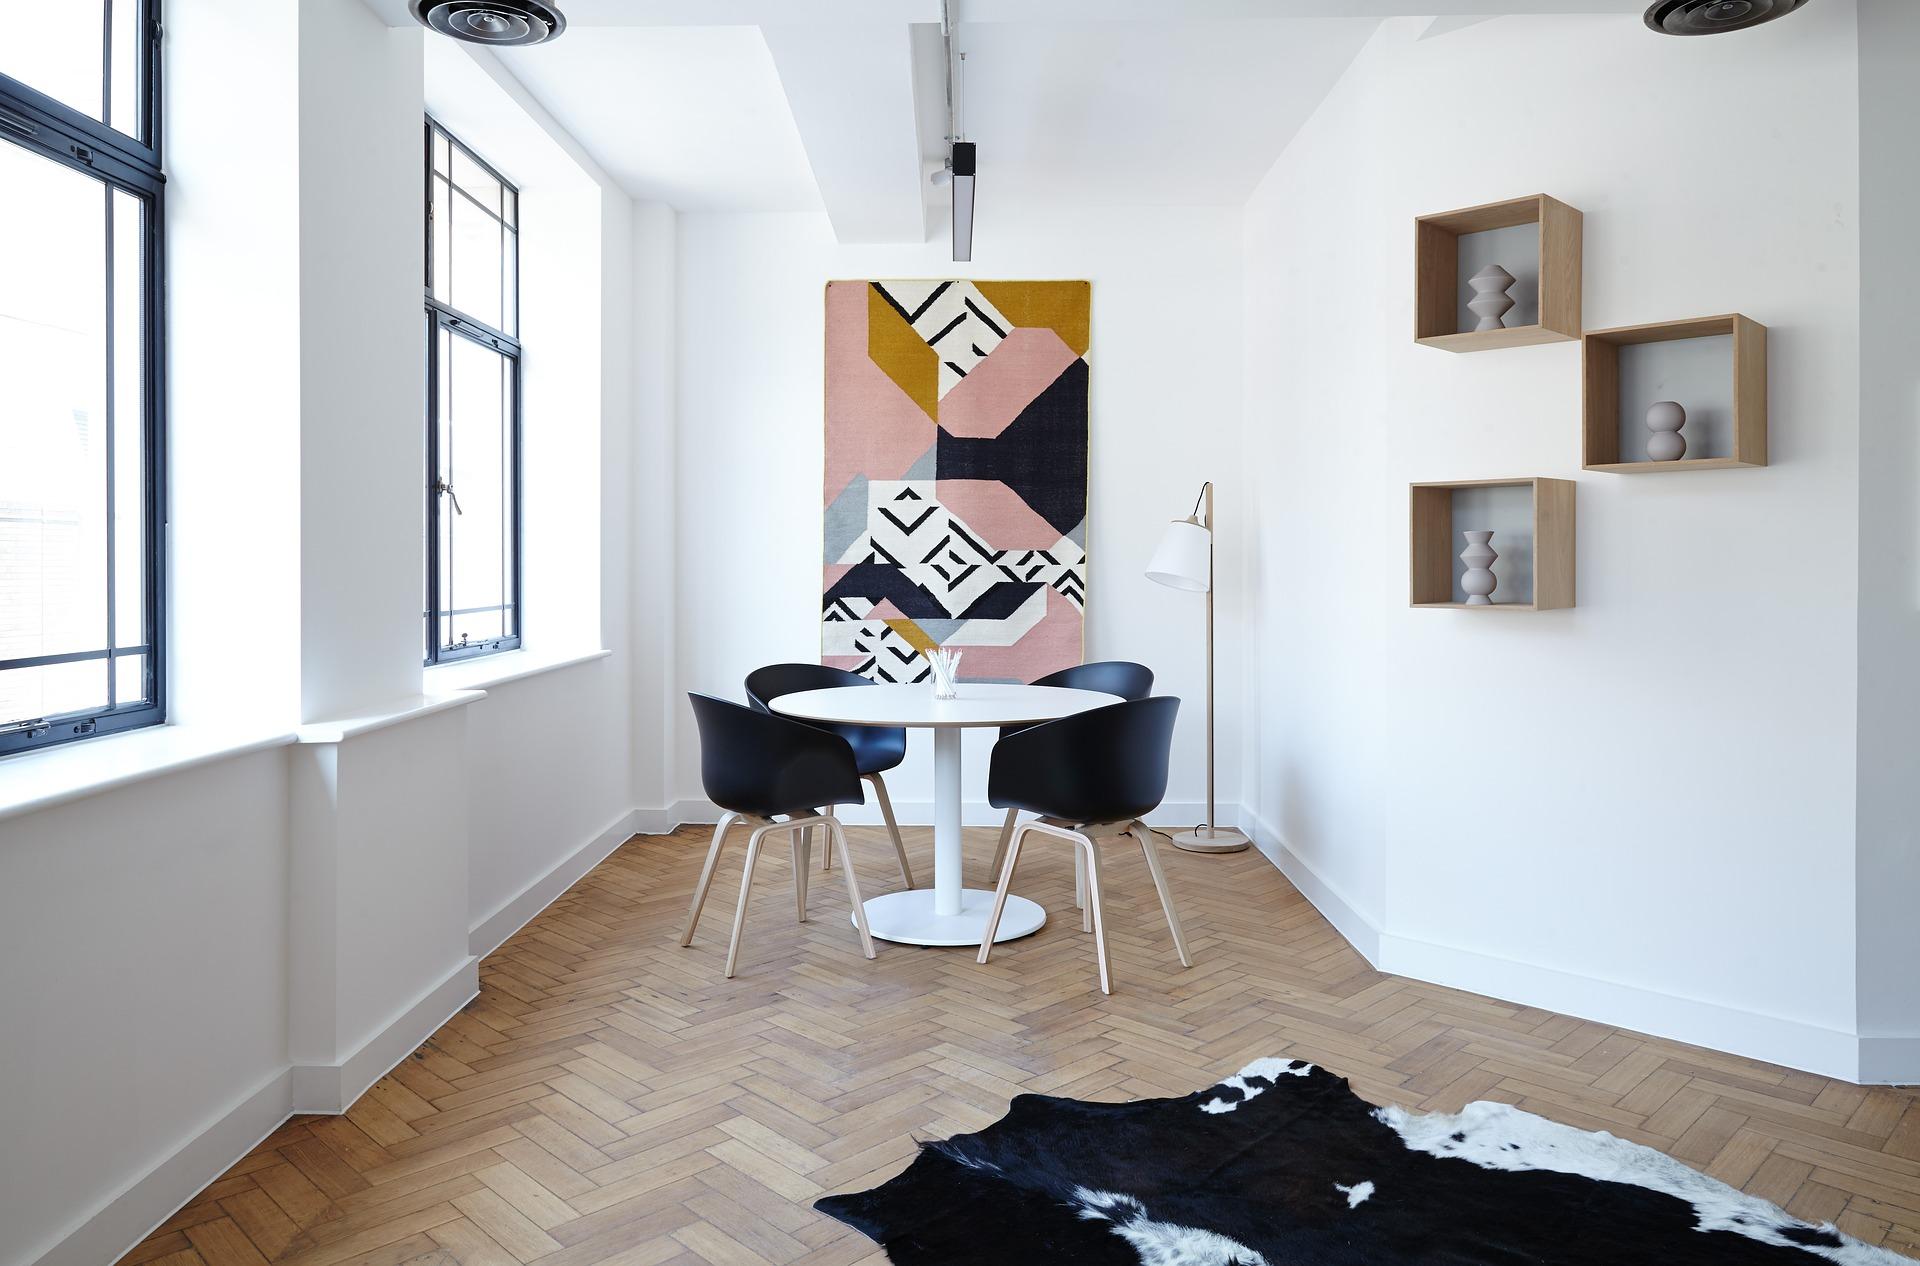 Design Slaapkamer Meubilair : Fair trade design meubelen kopen woning slaapkamer meubels